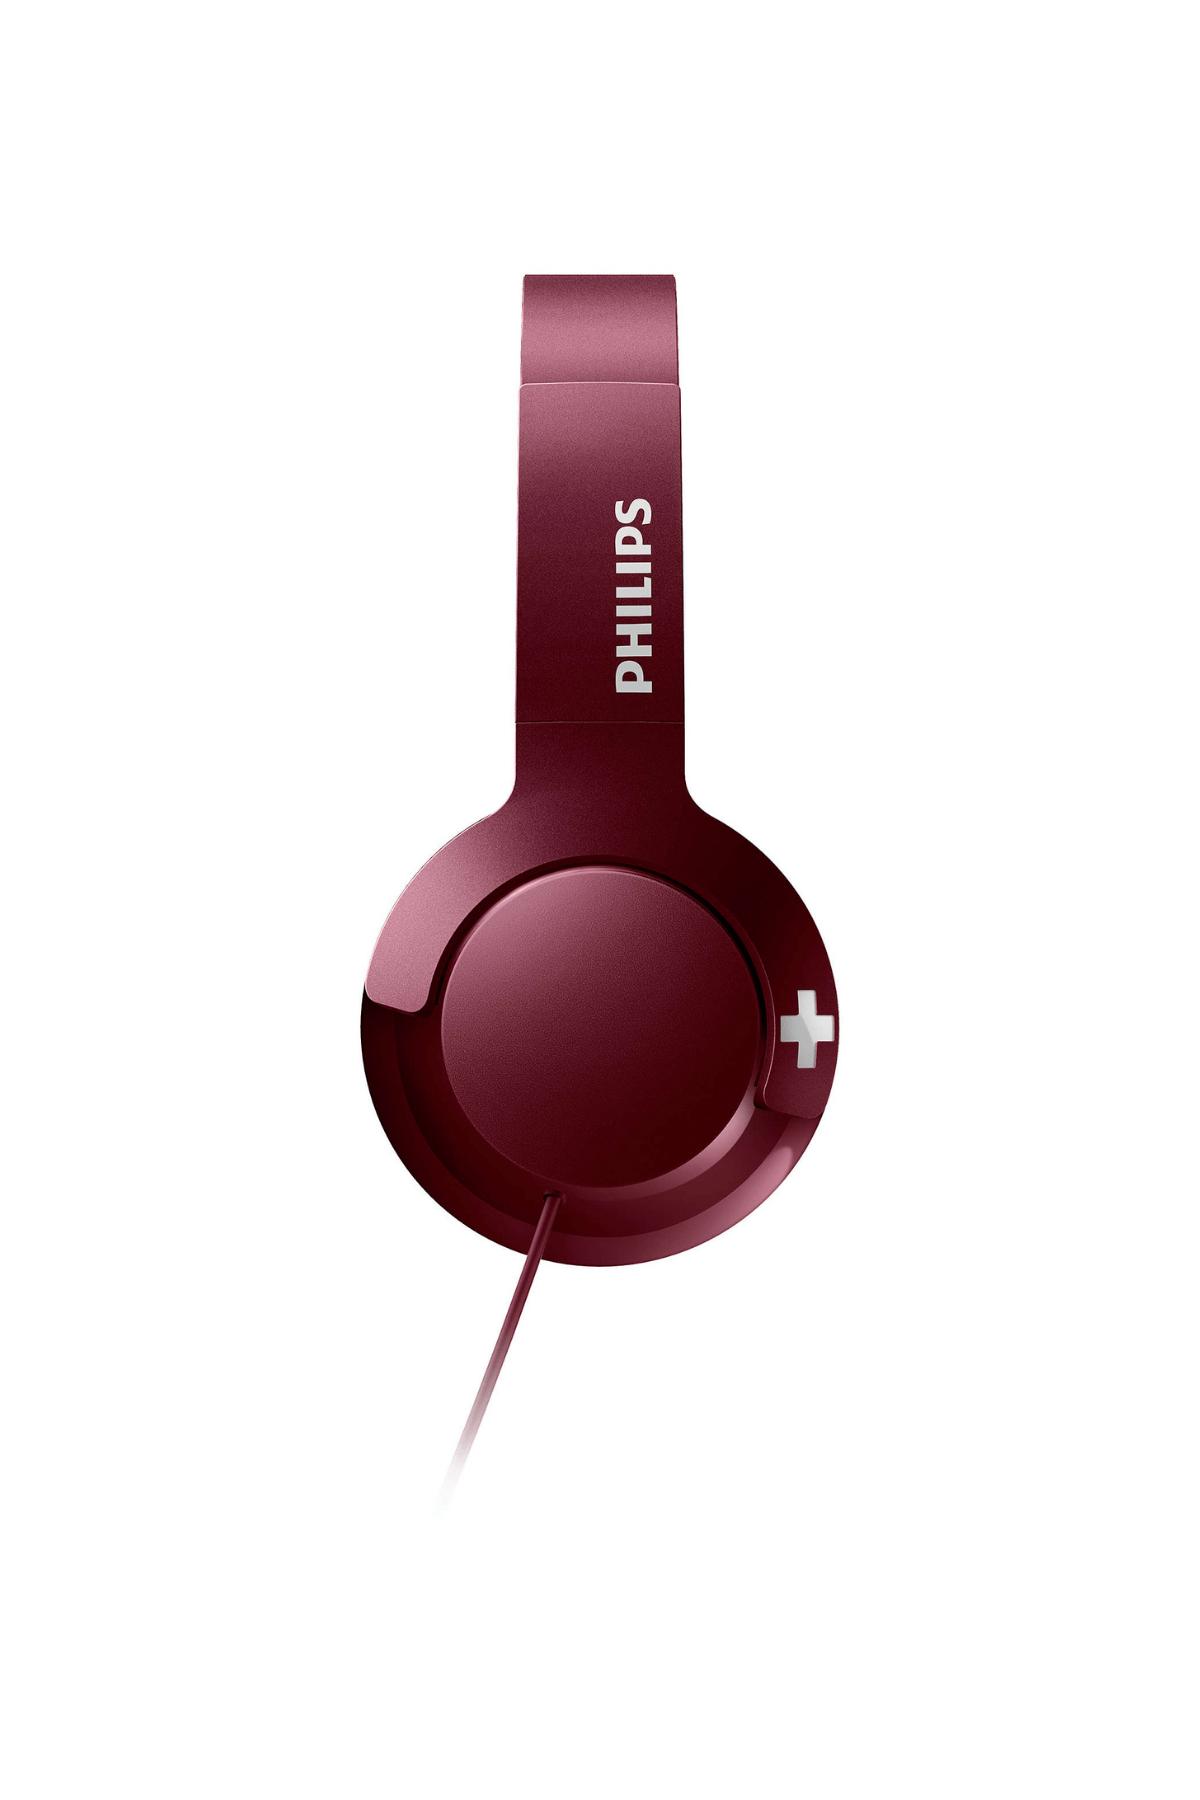 Philips SHL3075RD/00 Bass+mıkrofonlu Kırmızı Kulaklık 2